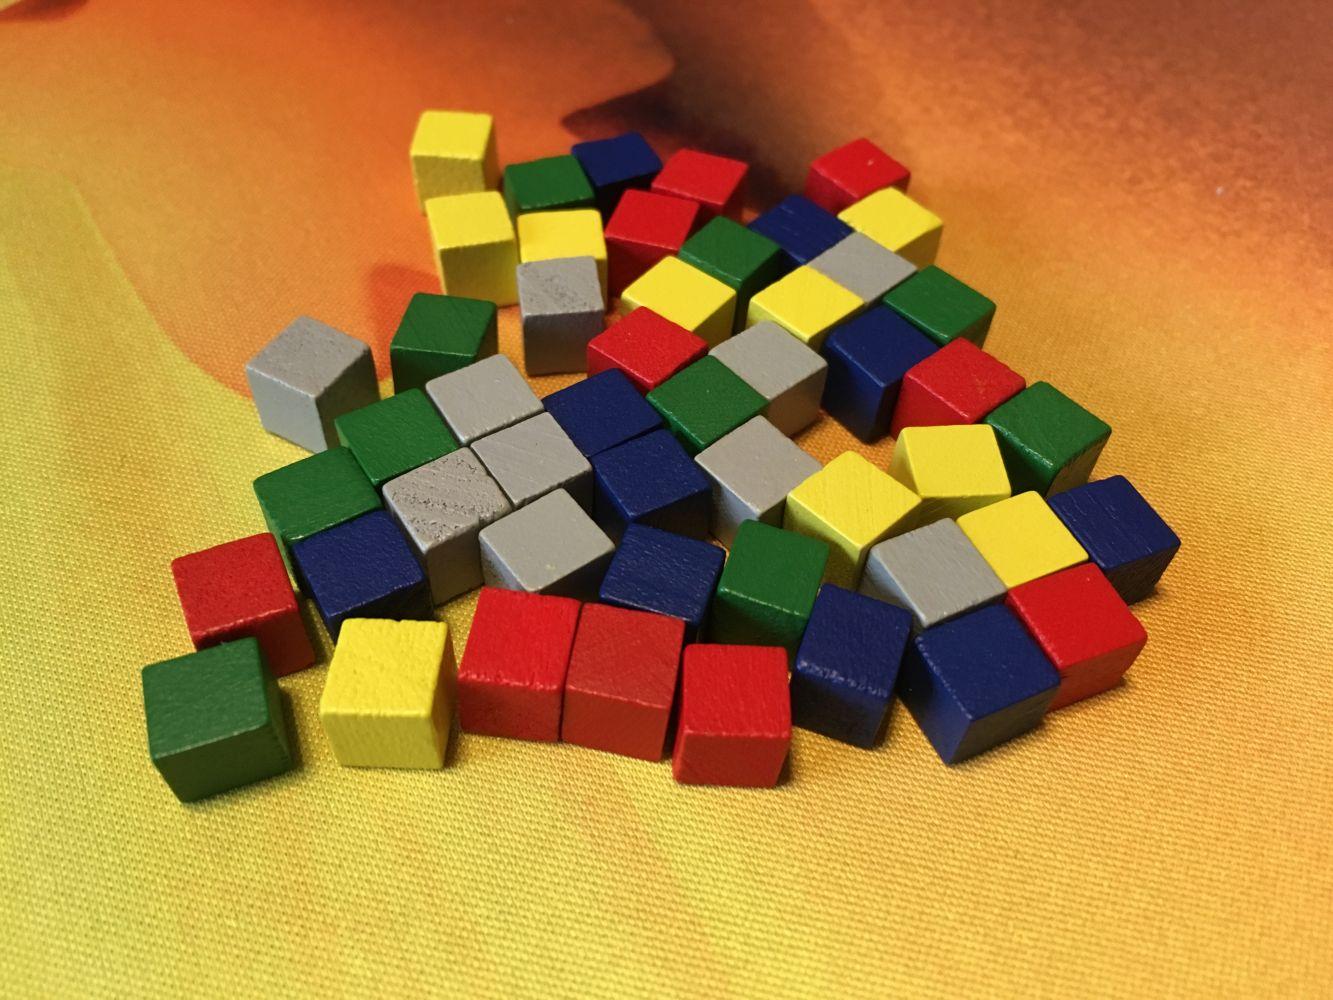 Les cubes marchandises